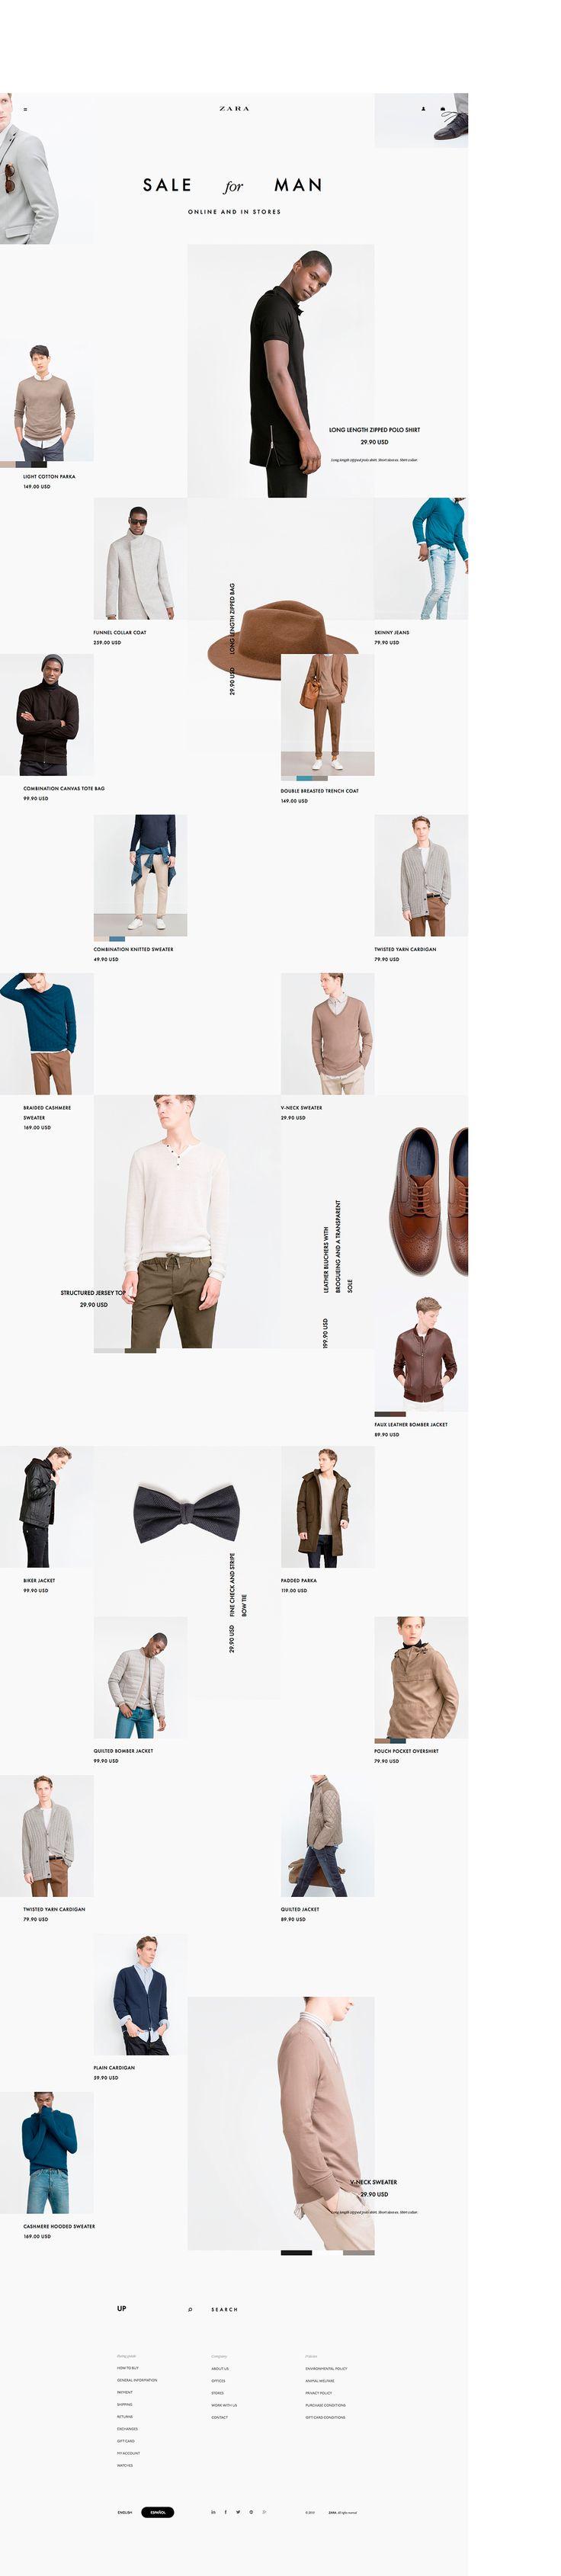 Z A R A /web site. Concept. on Behance